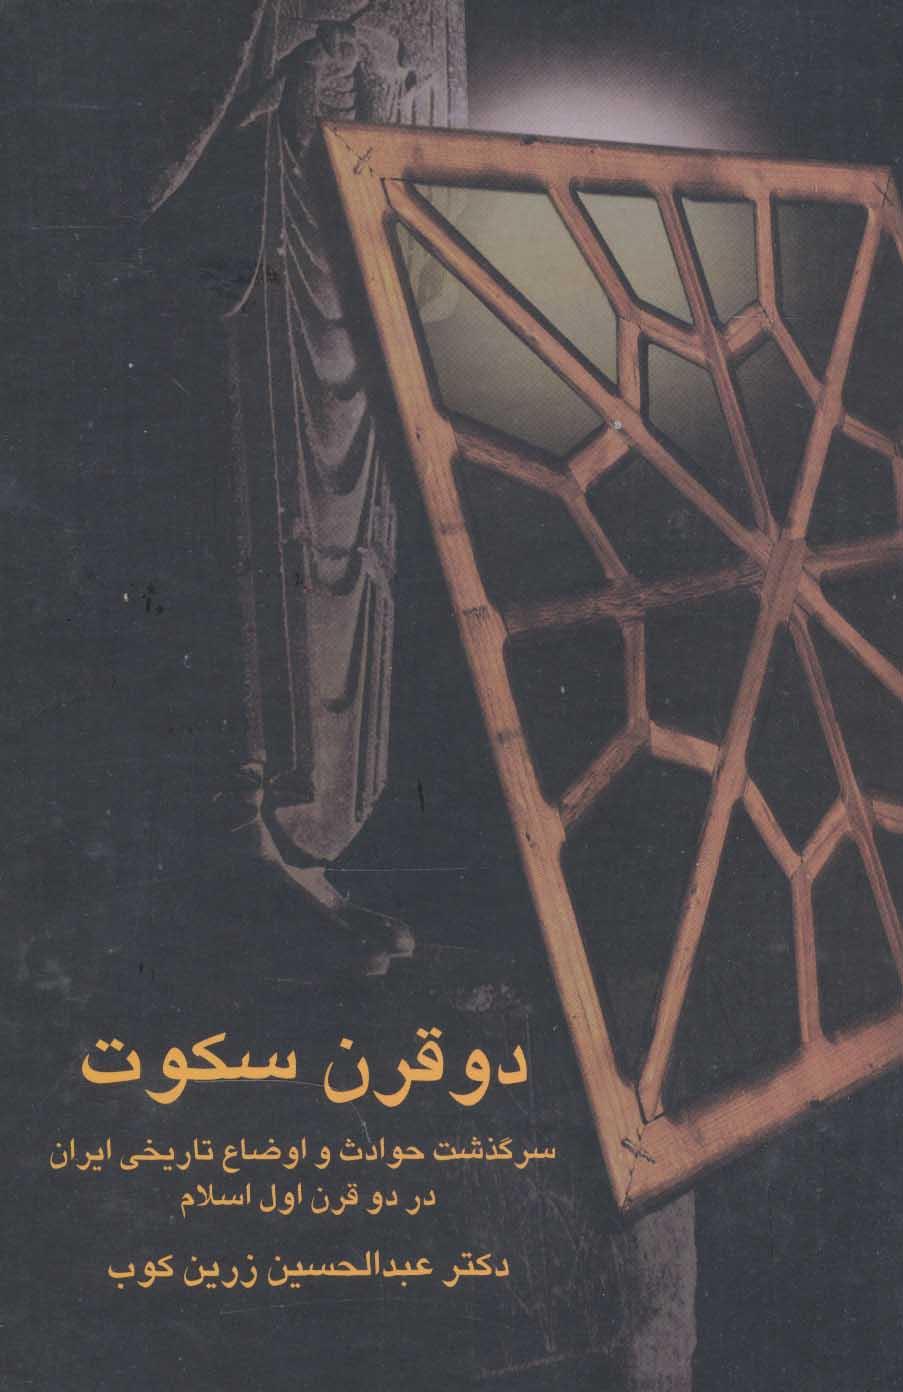 دو قرن سکوت (سرگذشت حوادث و اوضاع تاریخی ایران در دو قرن اول اسلام)